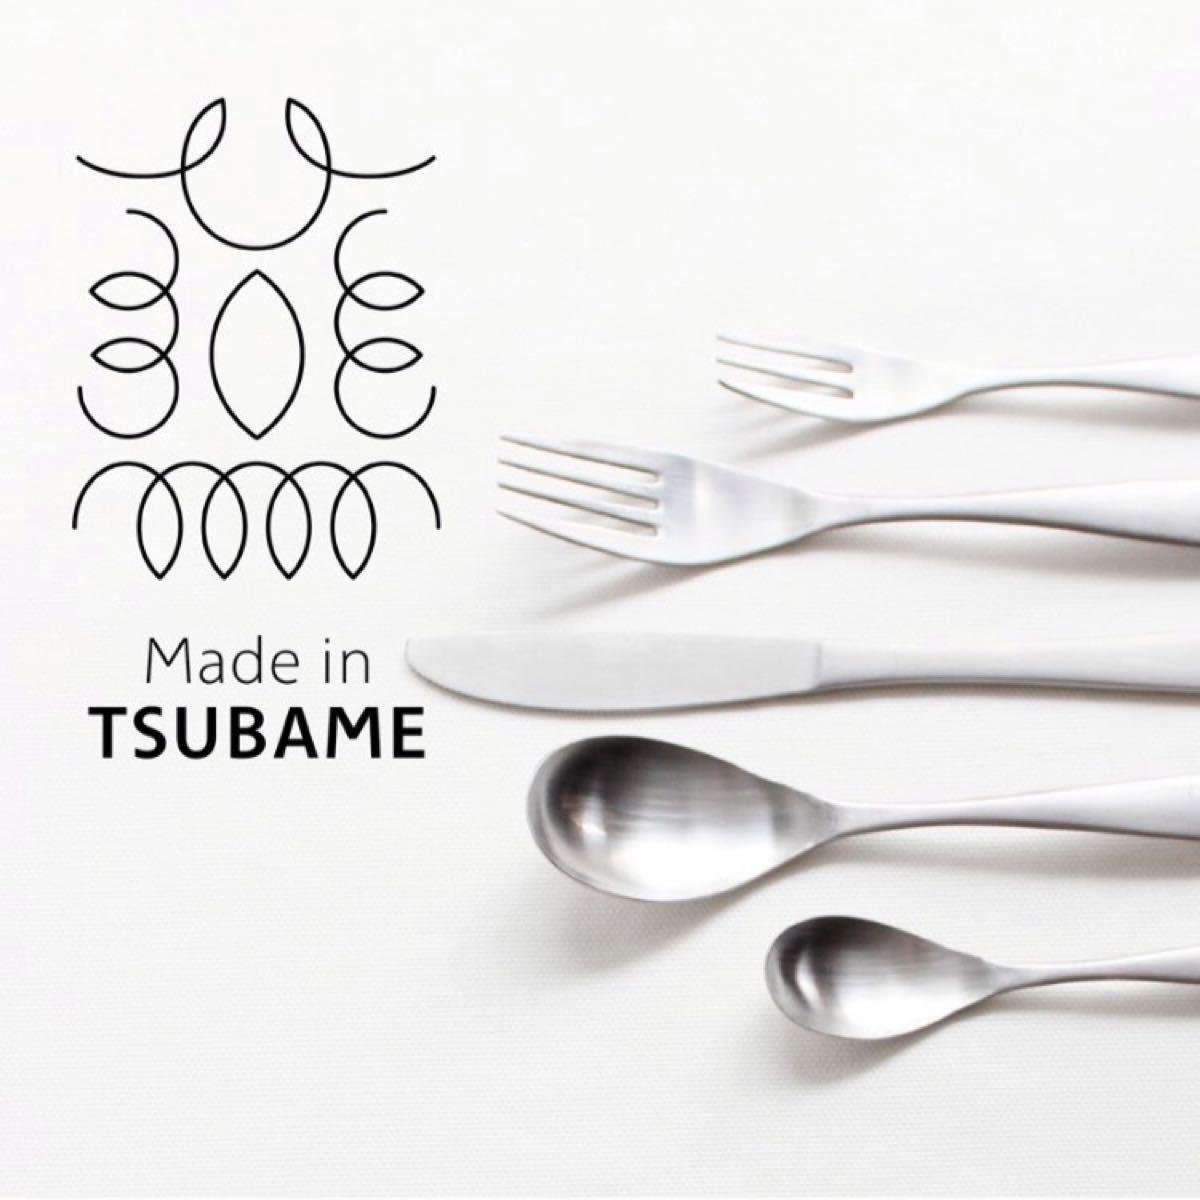 ツバメカトラリー 15本セット フォーク大小&ナイフ&スプーン大小 新品未使用 made in tsubame 燕